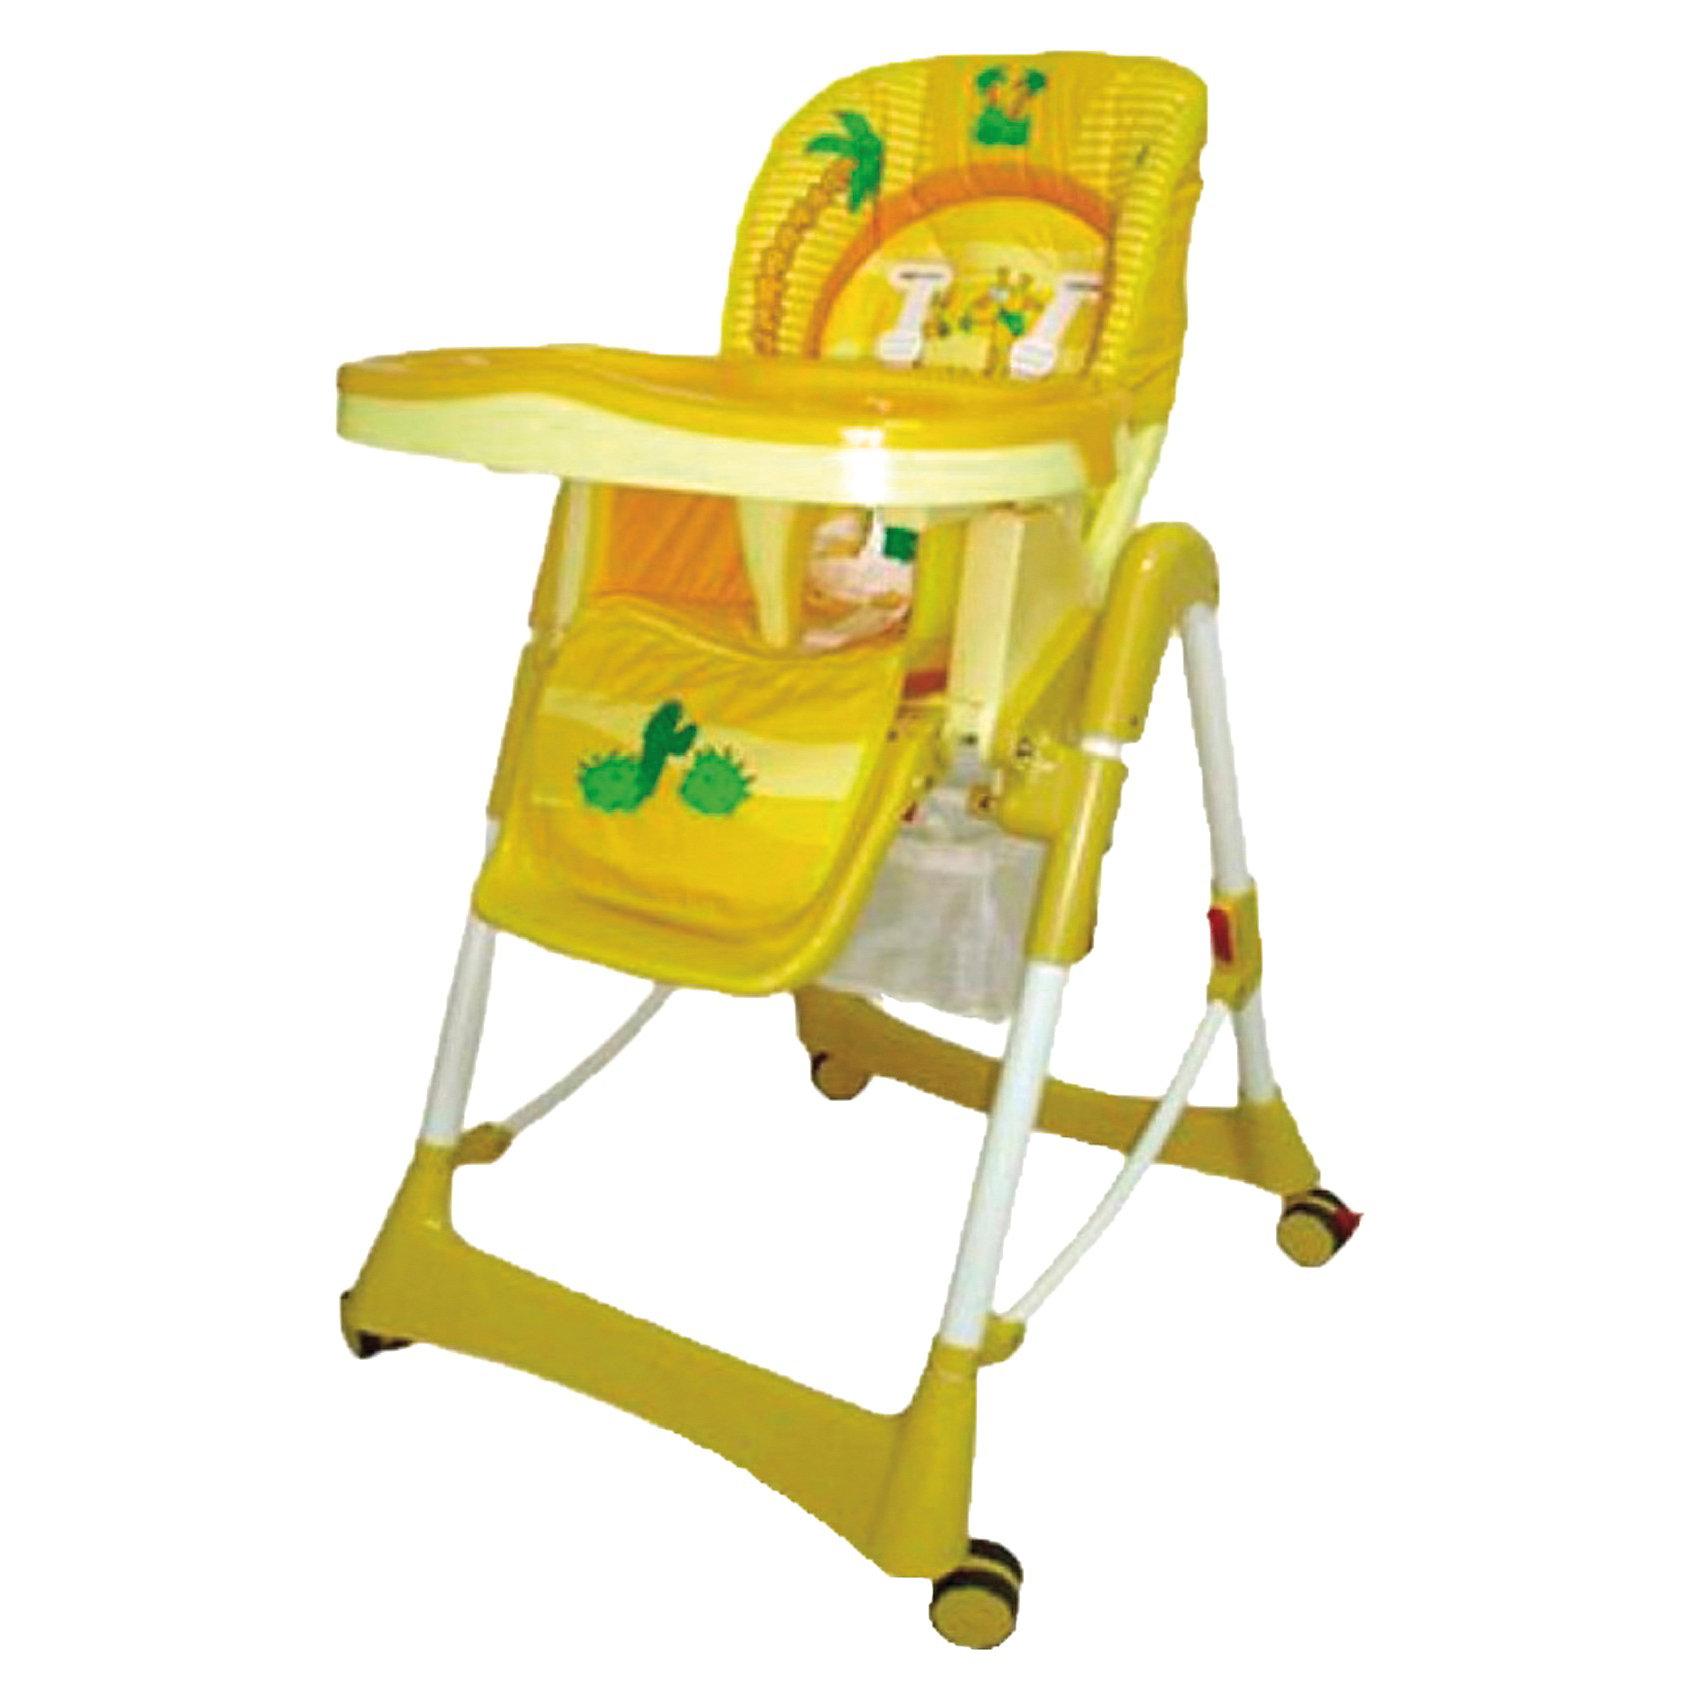 Стульчик для кормления Piero De Lux, Jetem, AfricaКомфортный стул для кормления Piero Deluxe Africa от Jetem (Жетем) поможет сделать кормление малыша приятным и безопасным. Стульчик выполнен в ярком привлекательном дизайне с изображениями забавного жирафа и пальм. <br><br>Рама с поперечной перекладиной обеспечивает максимальную устойчивость. Мягкое комфортное сиденье имеет спинку, у которой регулируются высота (6 уровней) и угол наклона (3 положения) в зависимости от потребностей ребенка. Стульчик оснащен 5-точечными ремнями безопасности и ограничителем под дном столешницы, которые крепко удержат<br>малыша и не позволят соскользнуть вперед. Регулируемая подставка для ножек обеспечит ребенку надежную опору. У стульчика высокие бортики, столик также регулируется по высоте. Съемная столешница имеет 3 положения глубины, есть отверстие для стакана.<br><br>Имеется дополнительная съемная прозрачная столешница, сетка для игрушек. Прорезиненные колеса предотвращают царапины на напольном покрытии, задние колеса фиксируются. Клеенчатая обивка легко моется. Стульчик легко и компактно складывается и не занимает много места. Стульчик рекомендуется использовать от 4 -9 мес. до 3 лет, максимальный вес - 18 кг.<br><br>Дополнительная информация:<br><br>- Цвет: africa (желтый).<br>- Материал: пластик, ткань. <br>- Размер в разложенном состоянии: 125 х 60 х 65 см.<br>- Высота спинки стульчика: 58 см.<br>- Ширина сидения: 29 см.<br>- Глубина сидения: 28 см.<br>- Размер упаковки: 55 х 29 х 7 см. <br>- Вес с упаковкой: 11 кг. <br><br>Стул для кормления Piero Deluxe Africa, Jetem (Жетем) можно купить в нашем интернет-магазине.<br><br>Ширина мм: 700<br>Глубина мм: 280<br>Высота мм: 550<br>Вес г: 10500<br>Возраст от месяцев: 6<br>Возраст до месяцев: 36<br>Пол: Унисекс<br>Возраст: Детский<br>SKU: 3618045